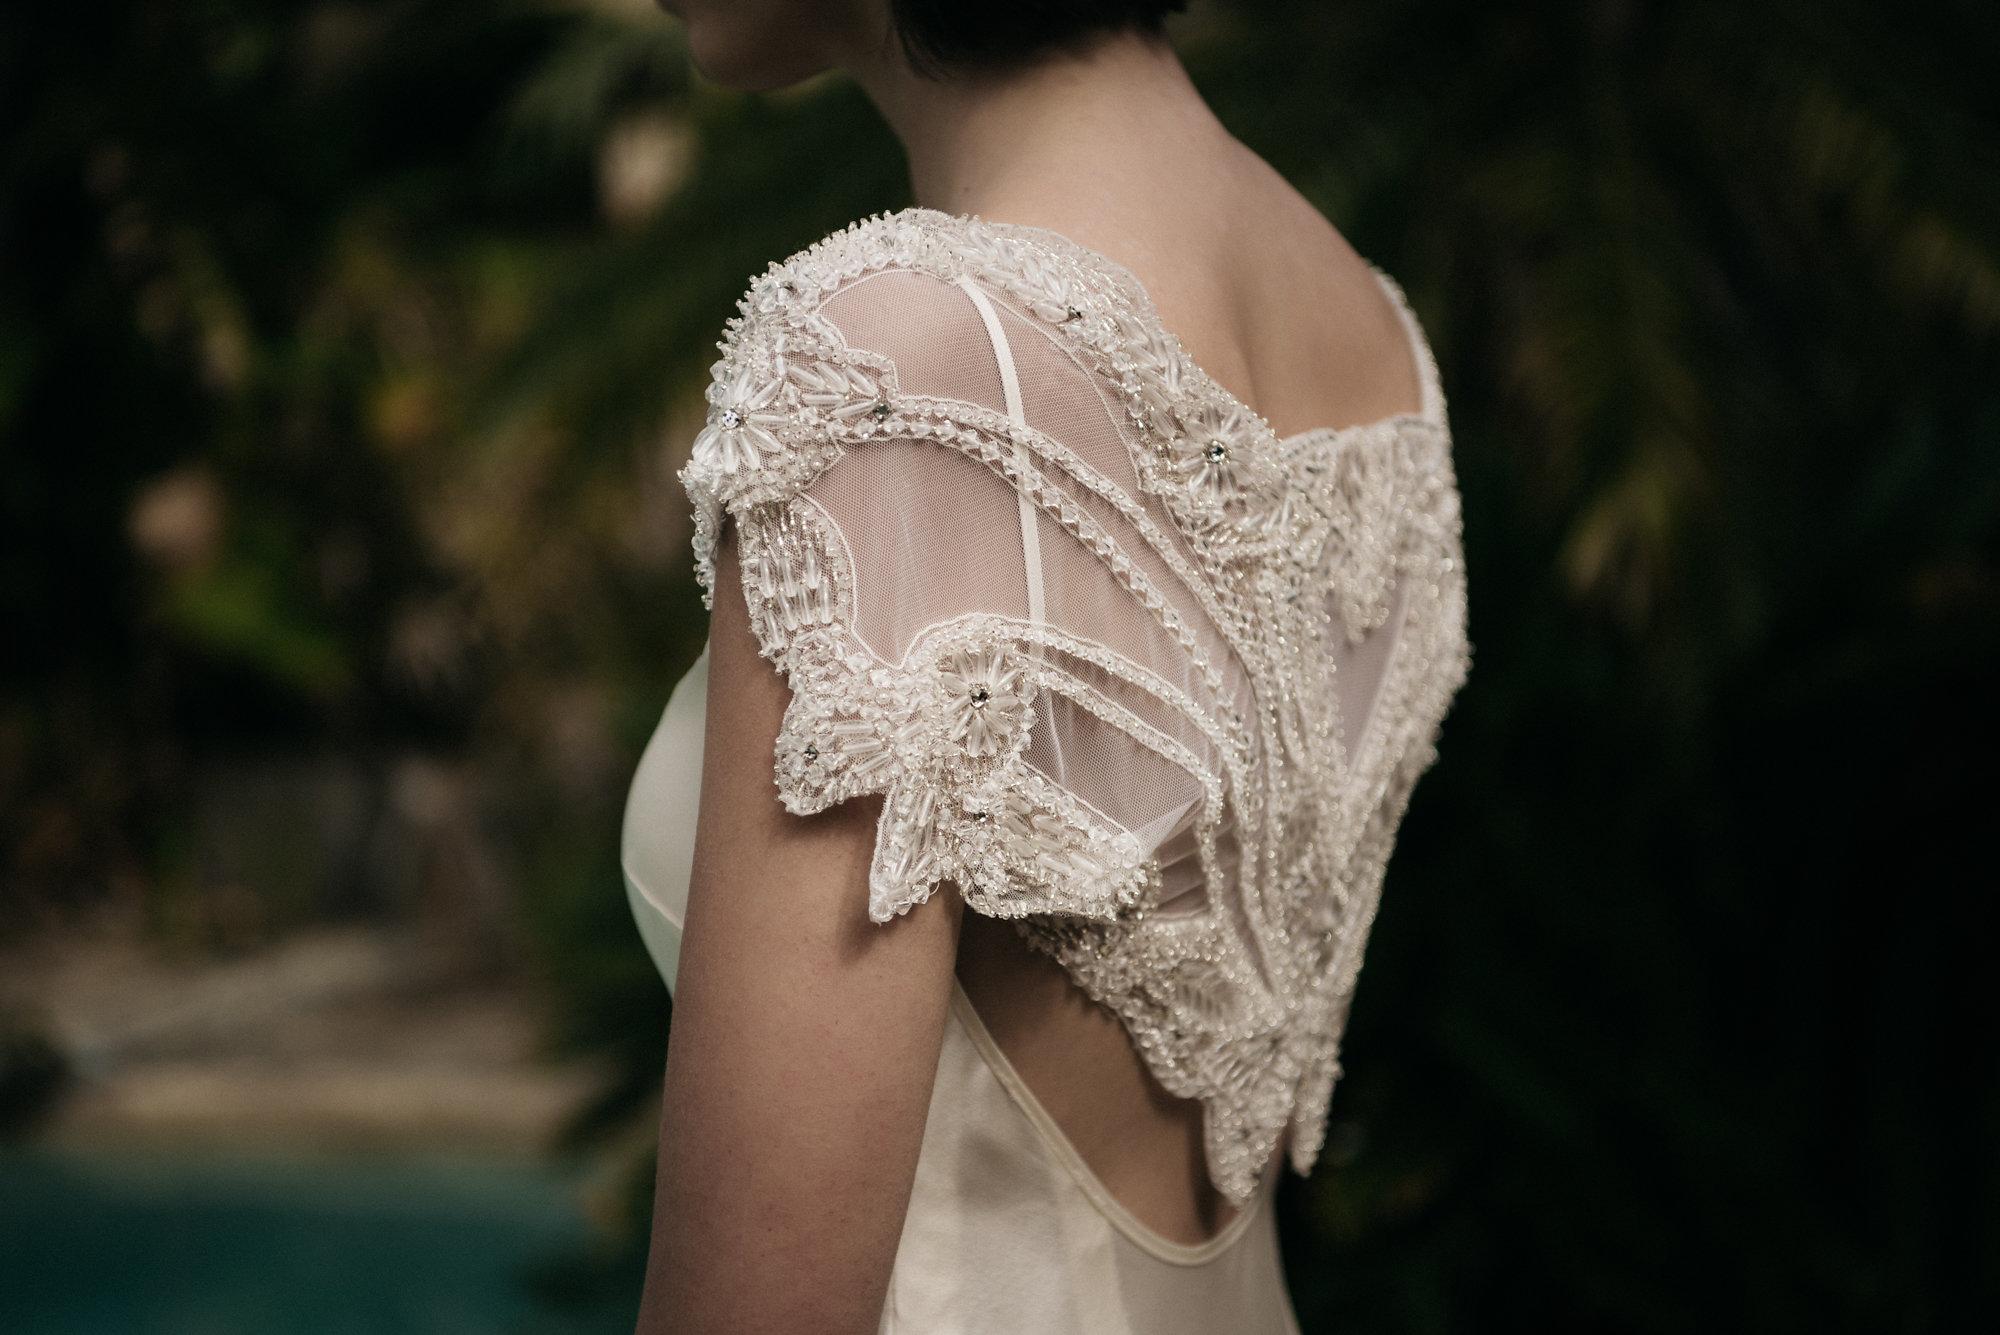 Mallory Bolero Gwendolynne Wedding Dress Designer Melbourne EMPIREWeb(100).JPG